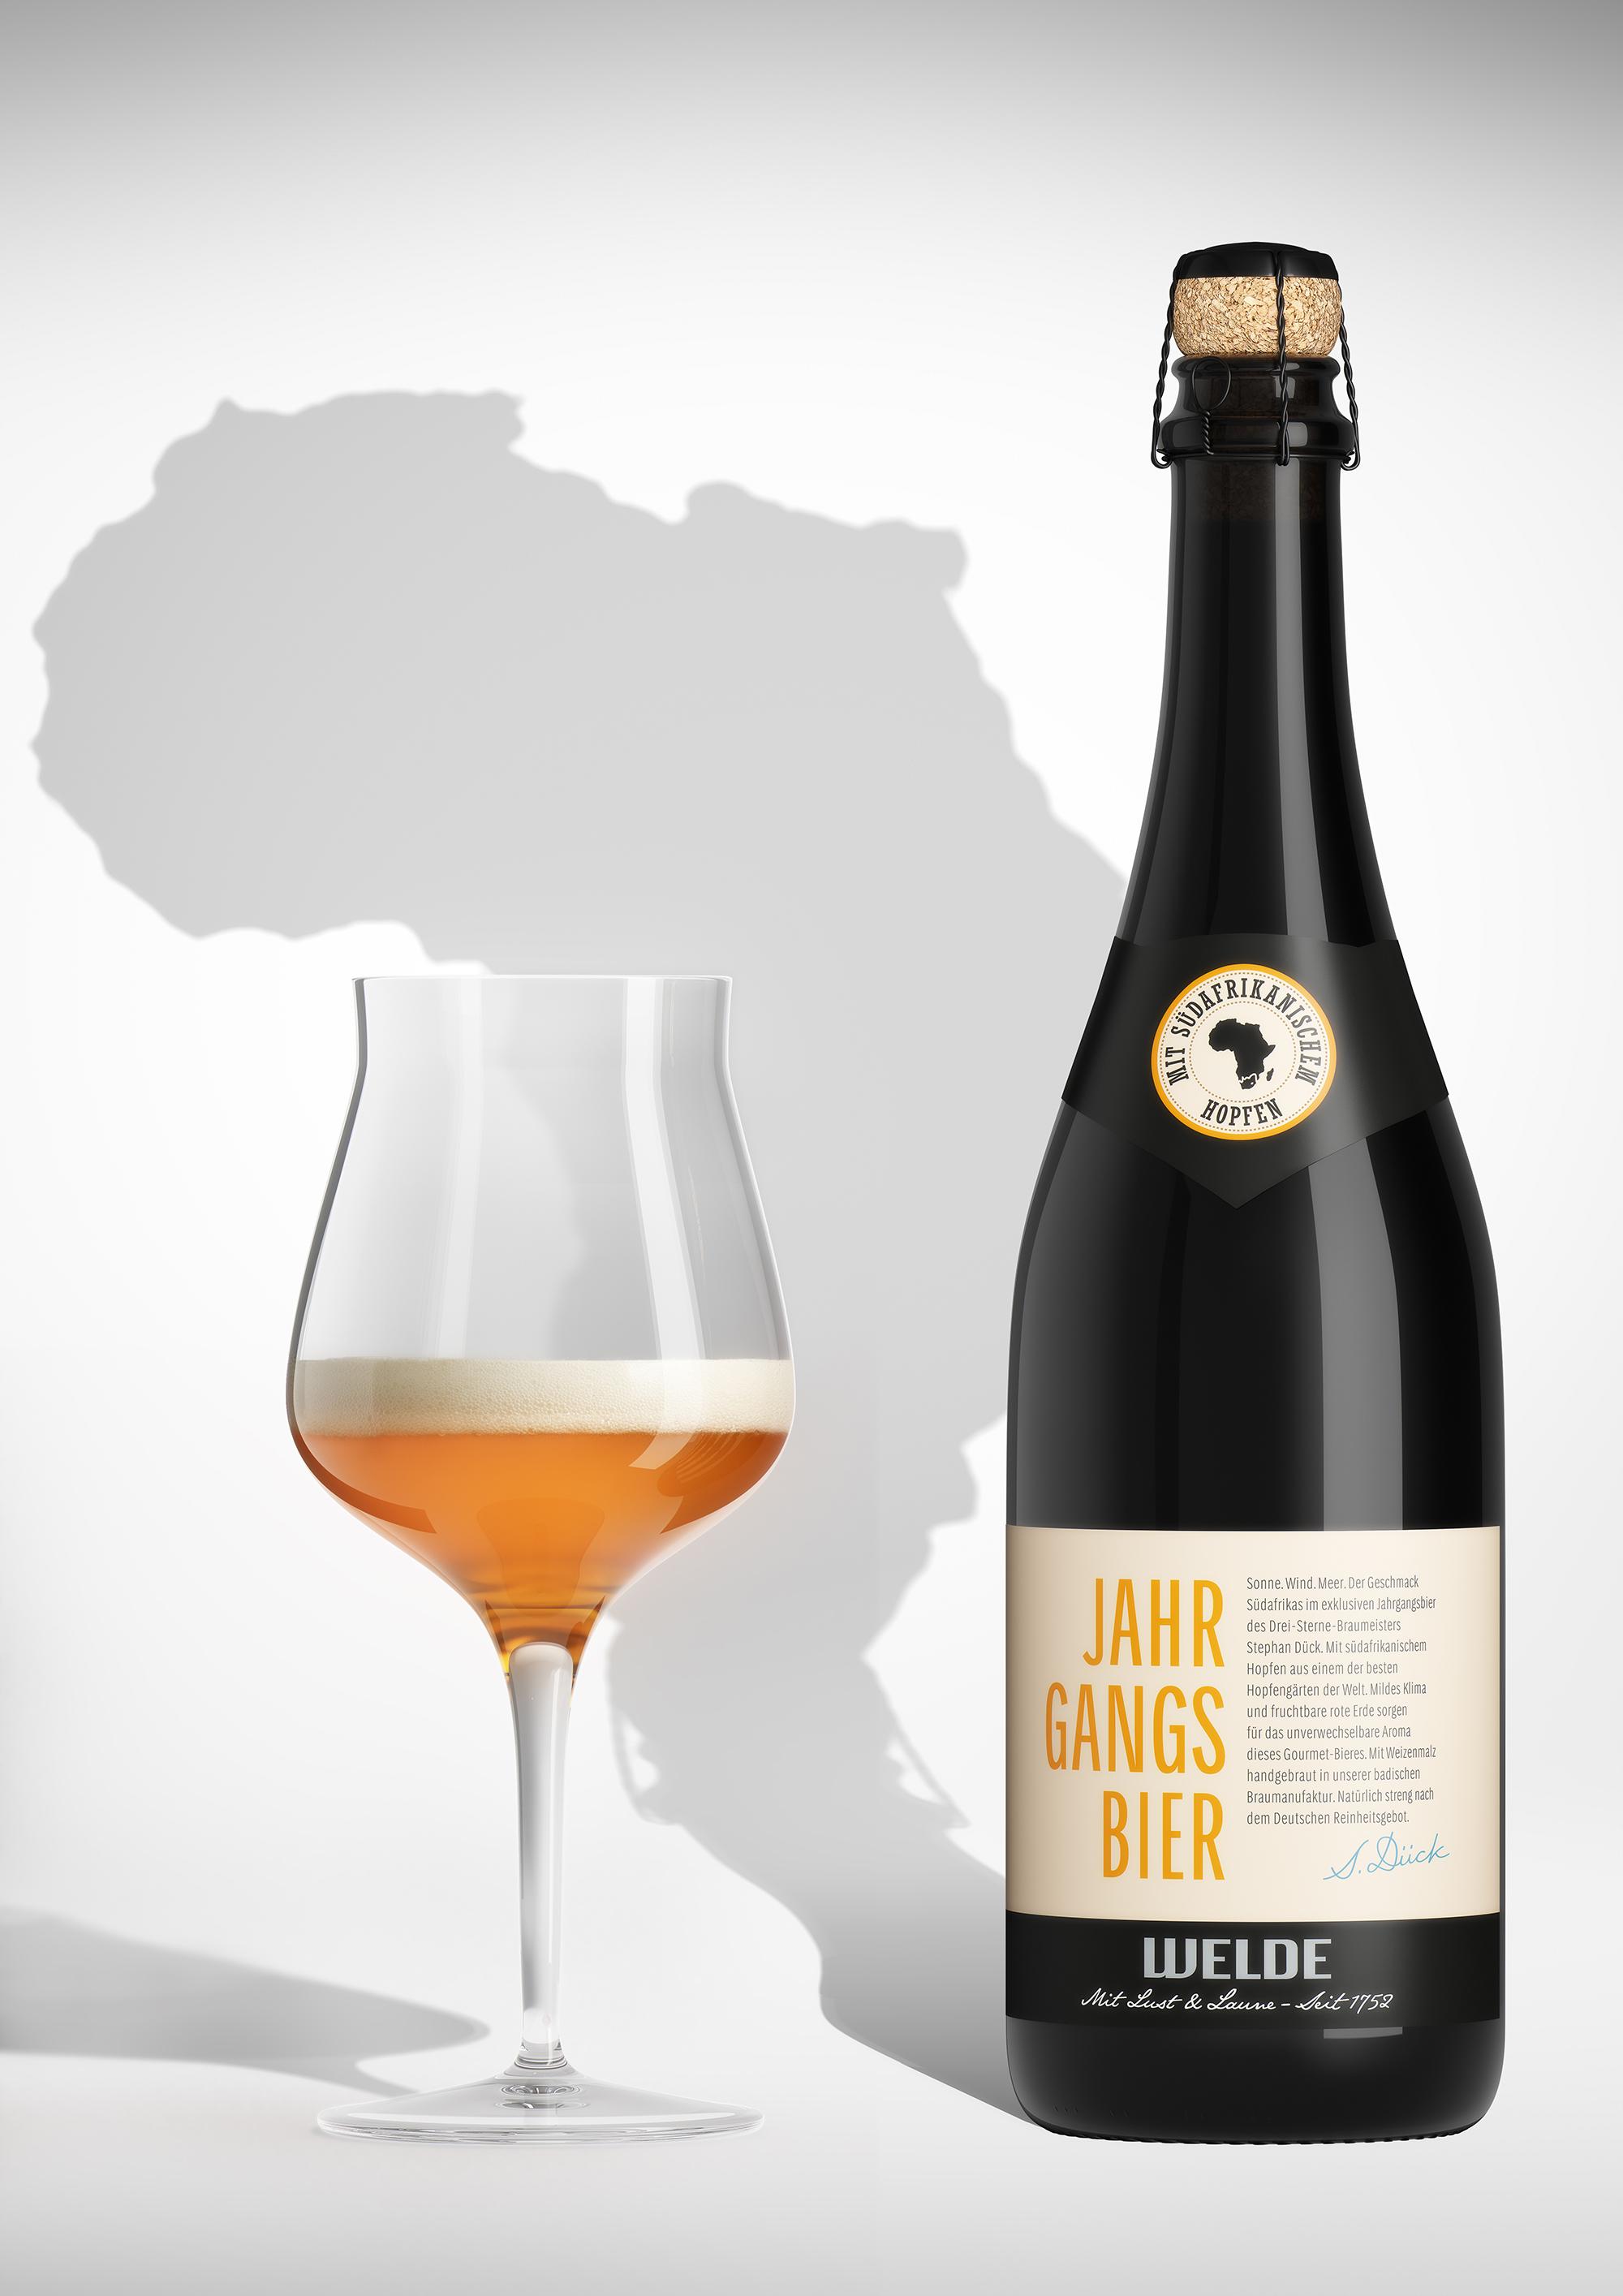 Das neue Welde Jahrgangsbier: Slowbeer aus der Champagnerflasche / ObergŠrig, acht Wochen kŠltegereift, mit sŸdafrikanischem Hopfen